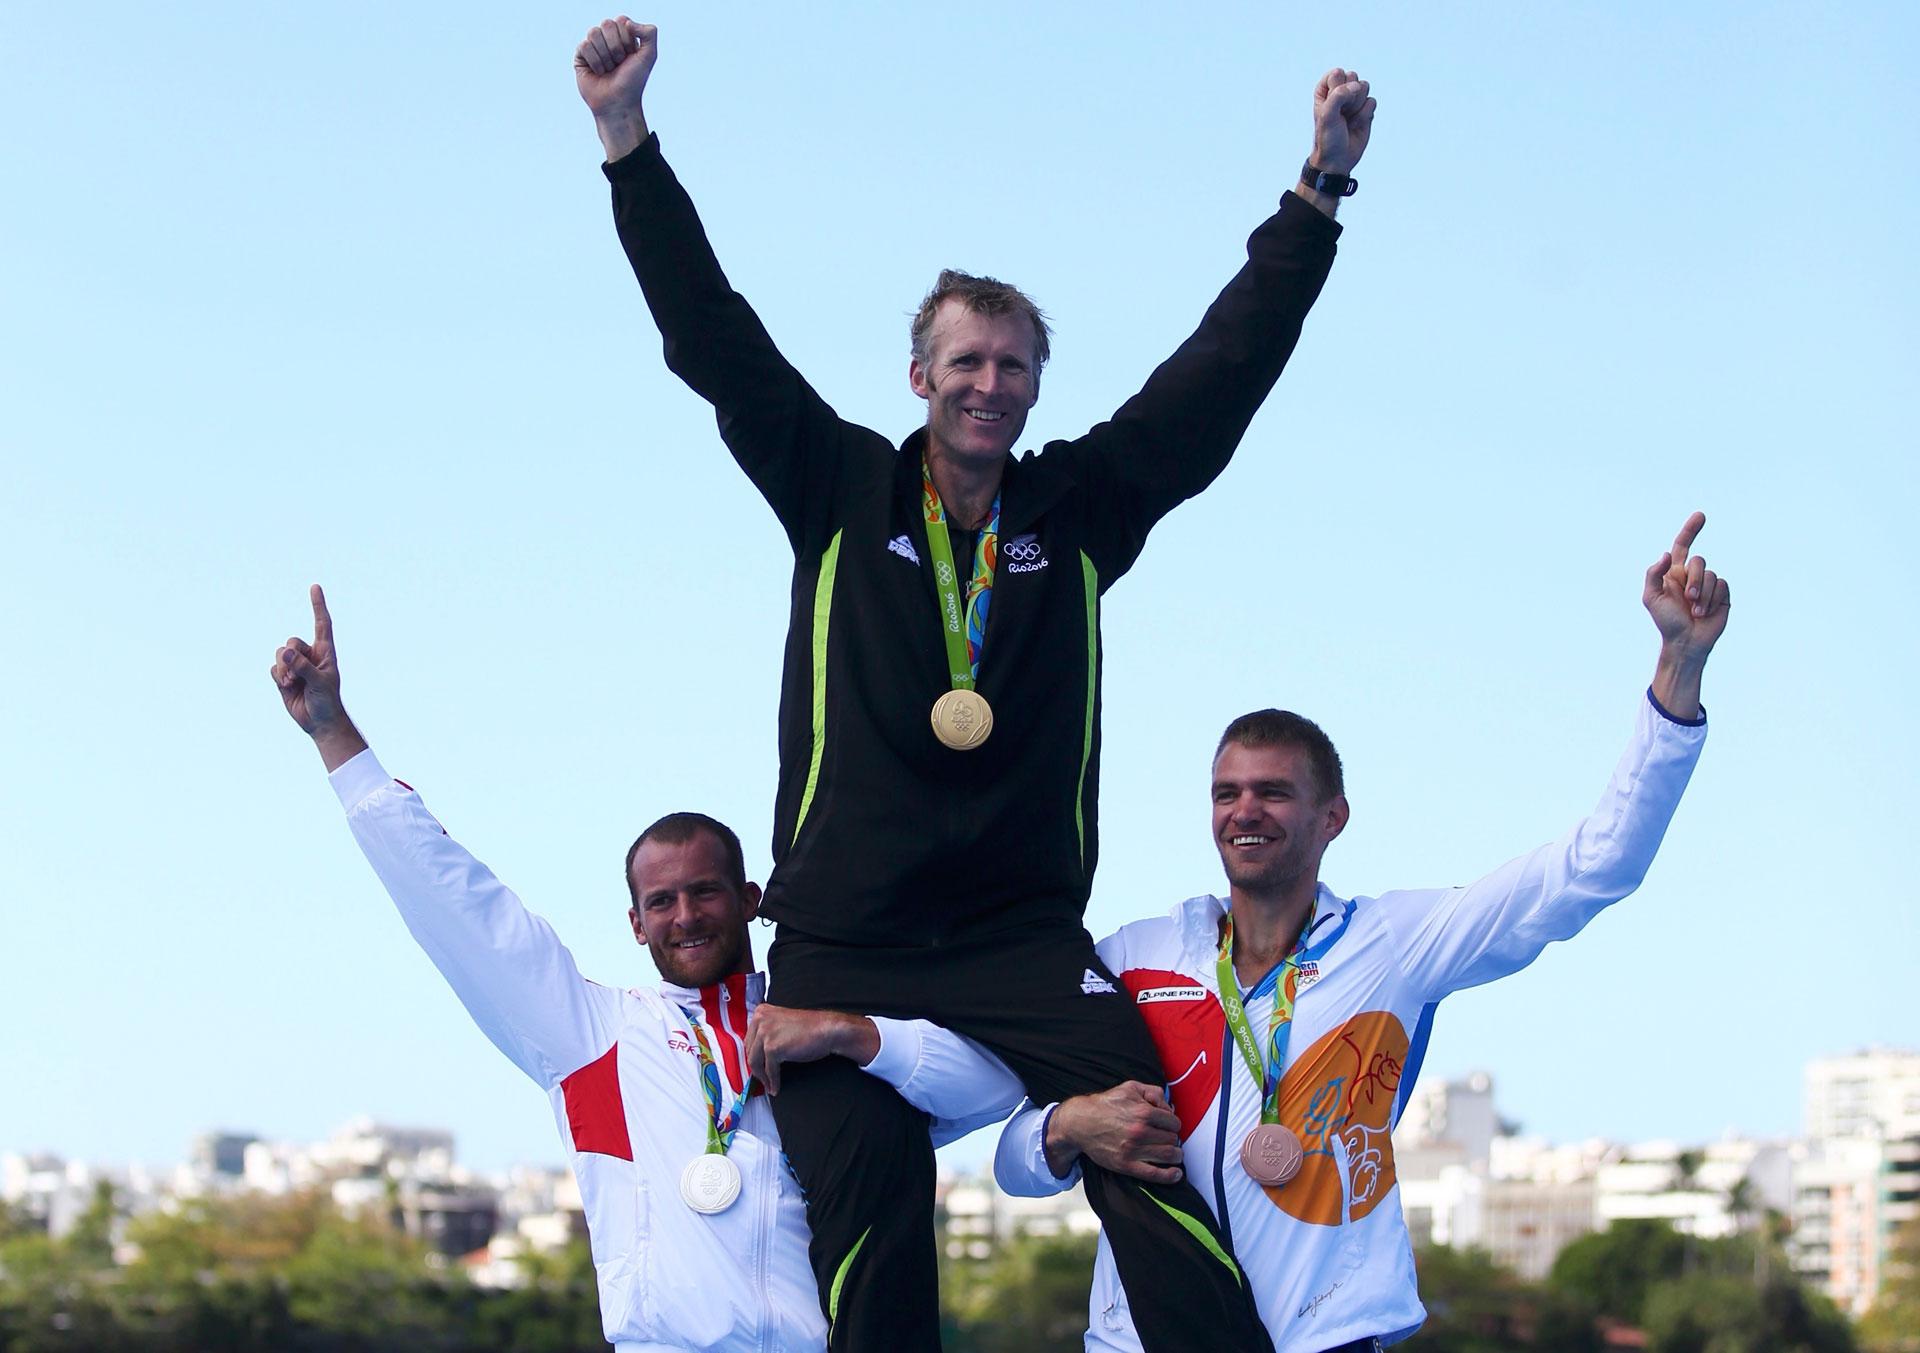 """Mahe Drysdale, de Nueva Zelanda, logró un oro en skulls individuales pese a un historial de lesiones y artritis. A sus 37 años, lo apodan """"El abuelo"""" del remo (Reuters)"""